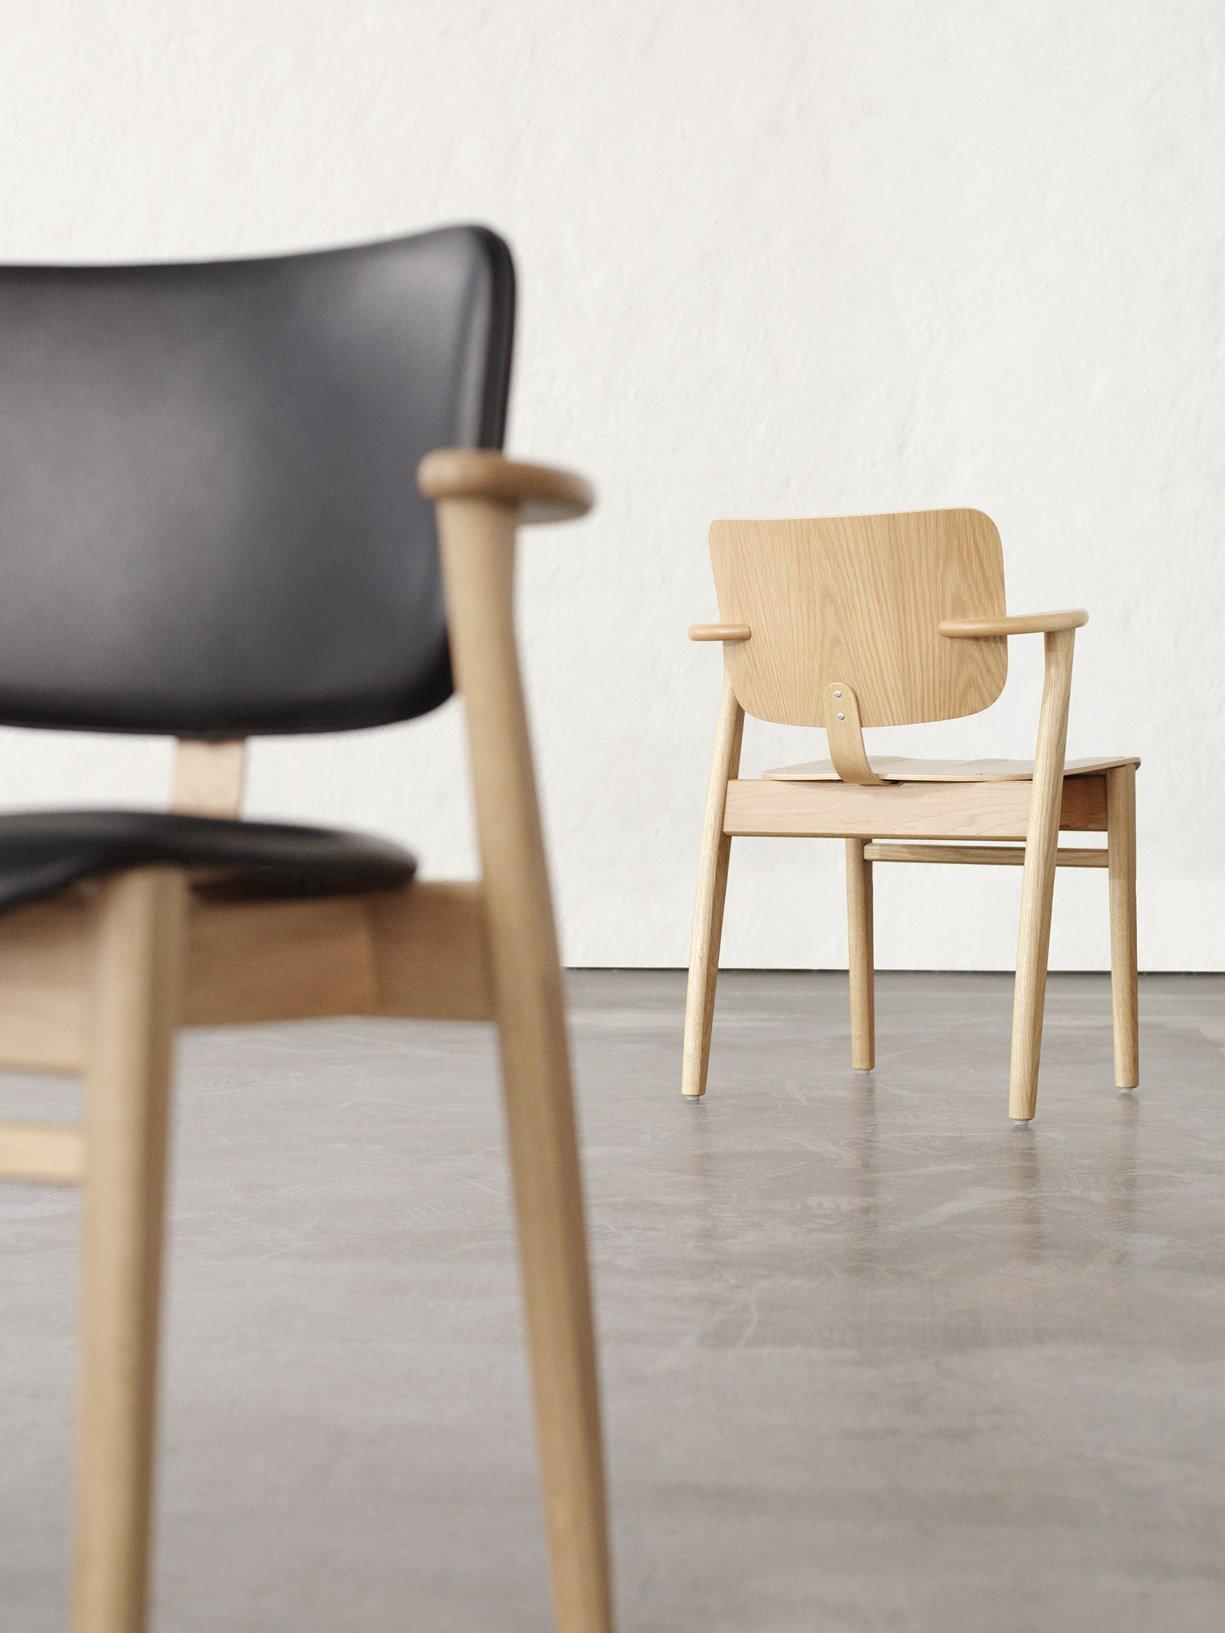 Domus Chairs by Ilmari Tapiovaara for Artek